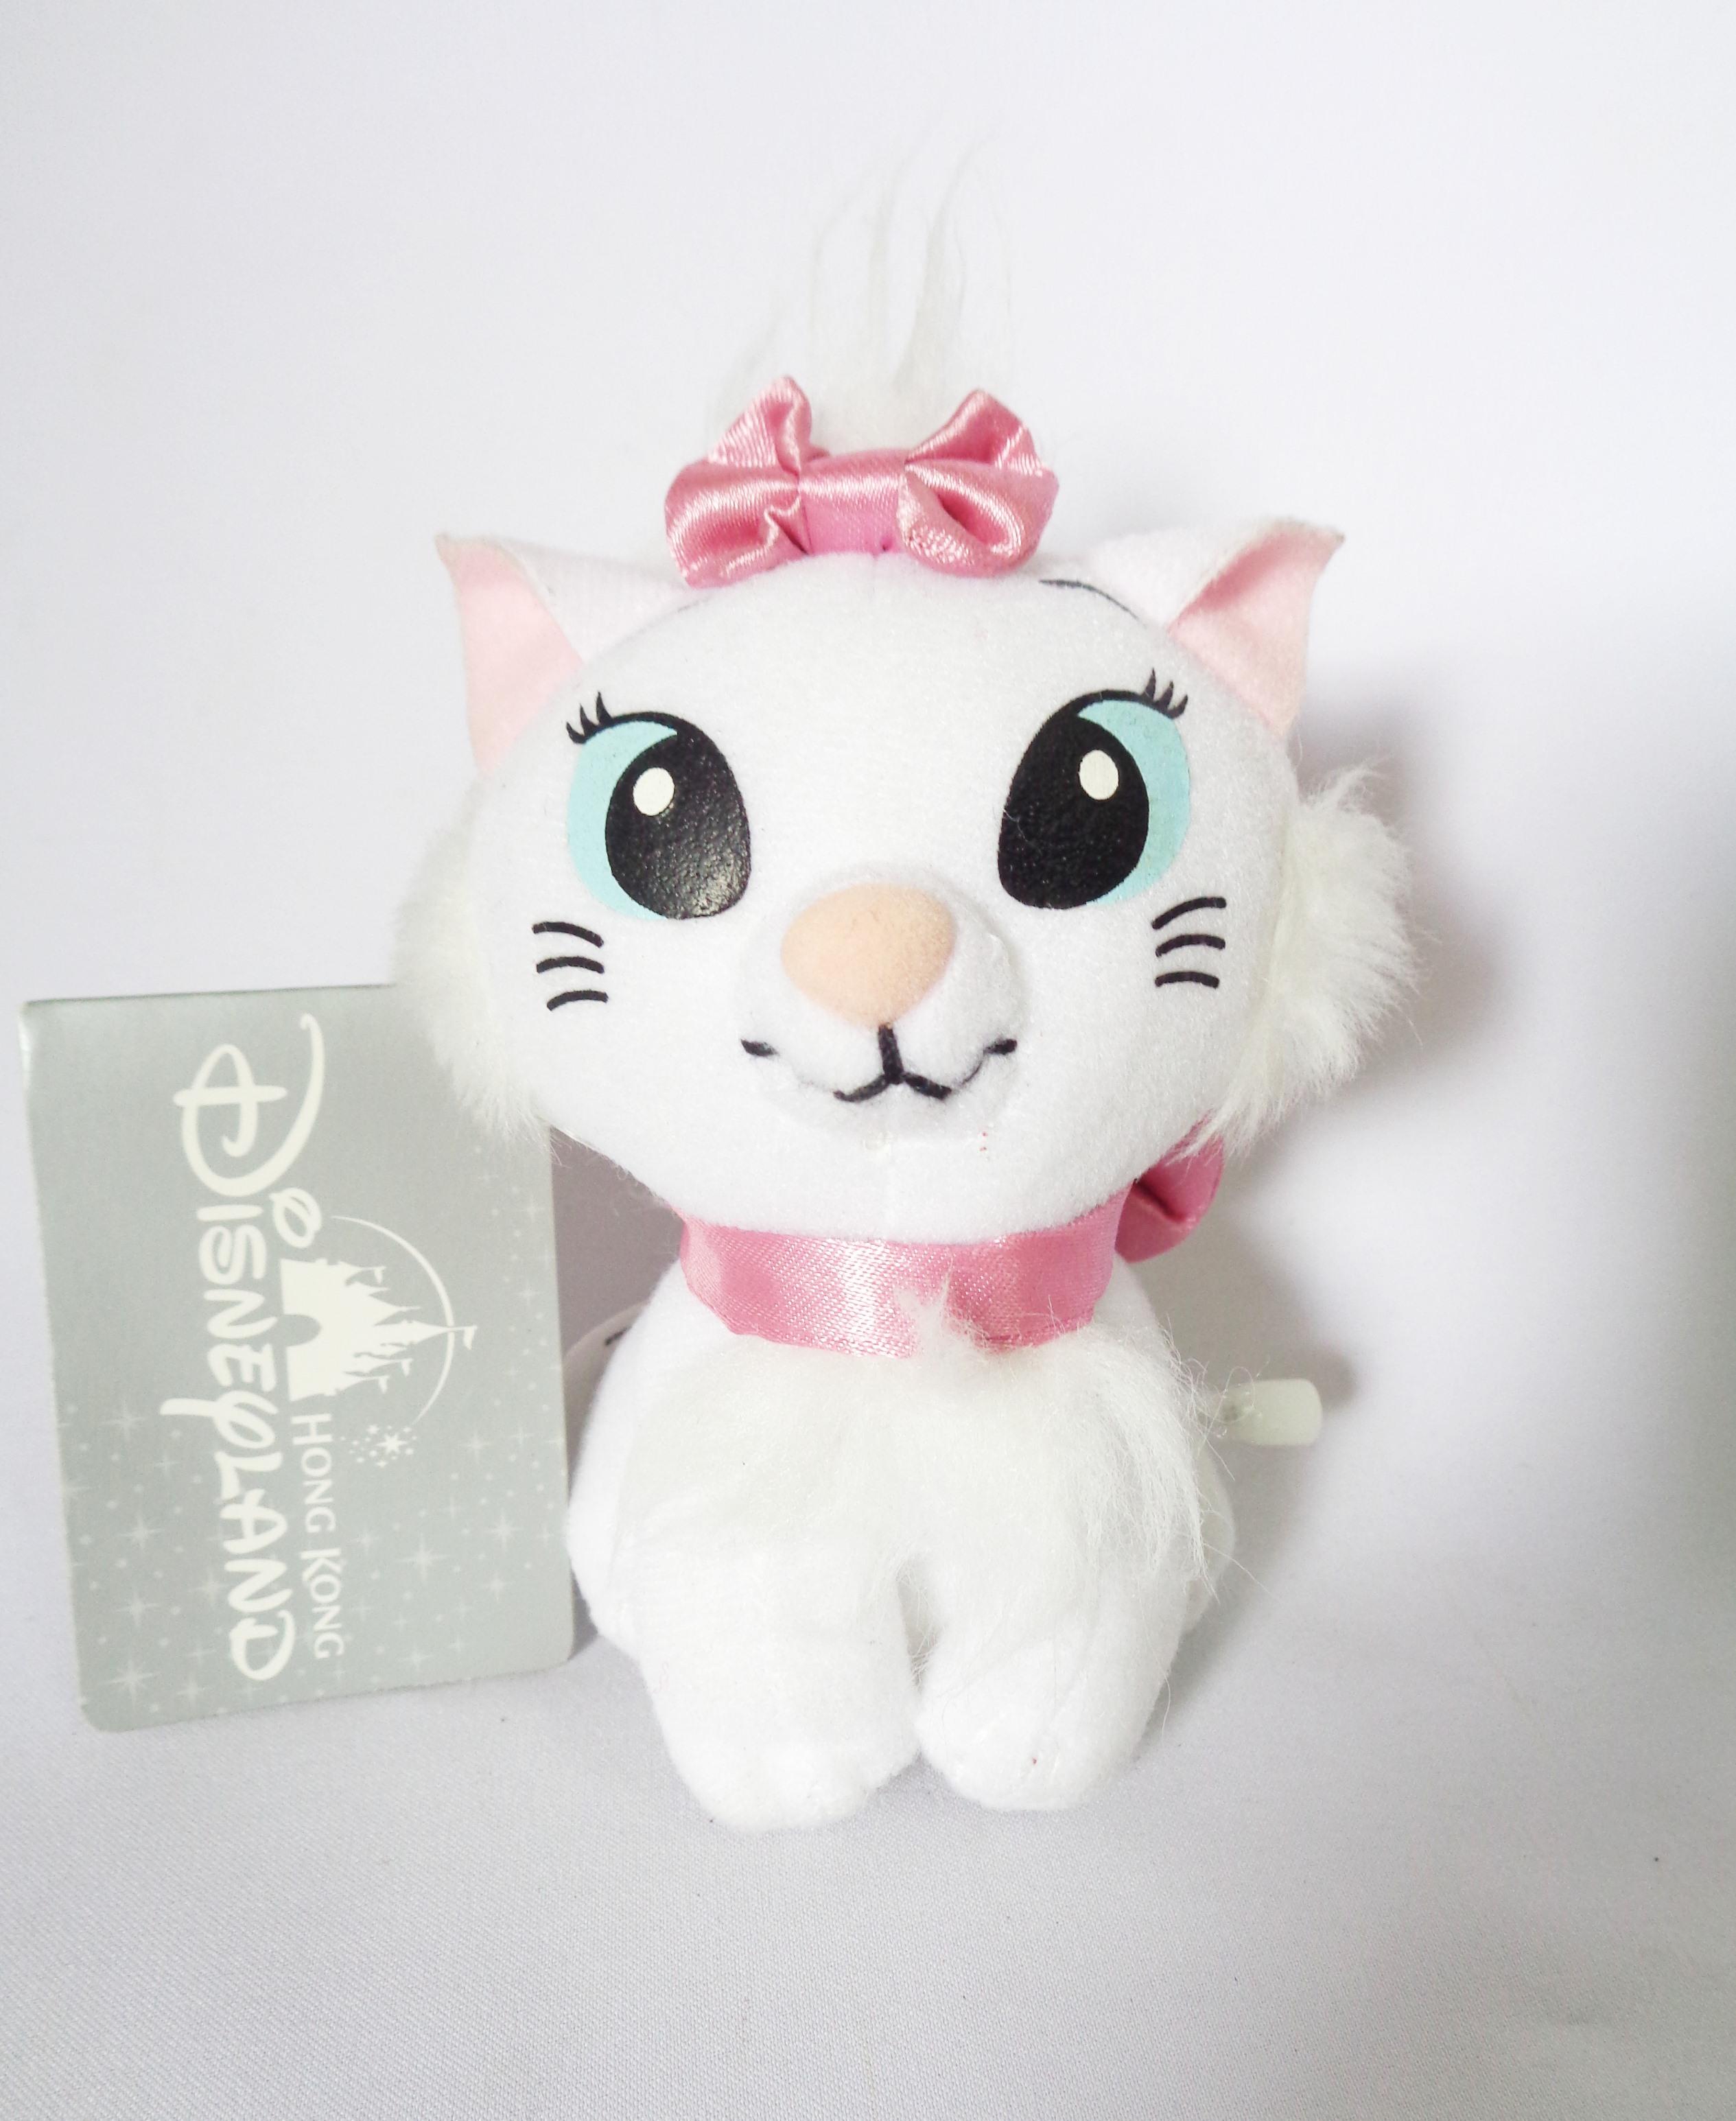 ตุ๊กตาแมว Marie ไขลาน